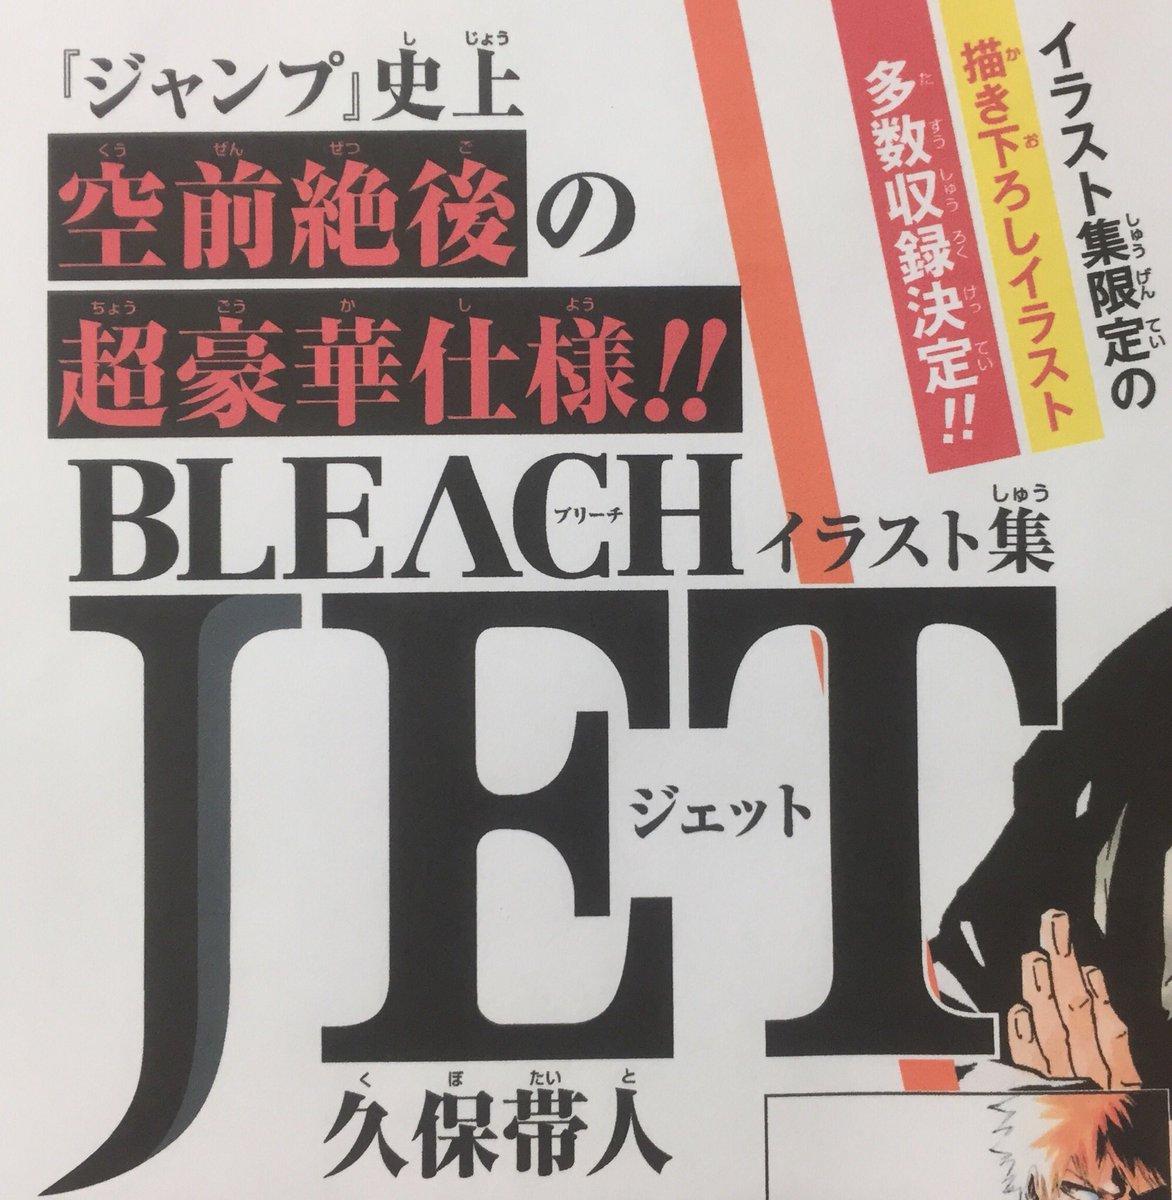 BLEACHイラスト集 JETに関する画像7